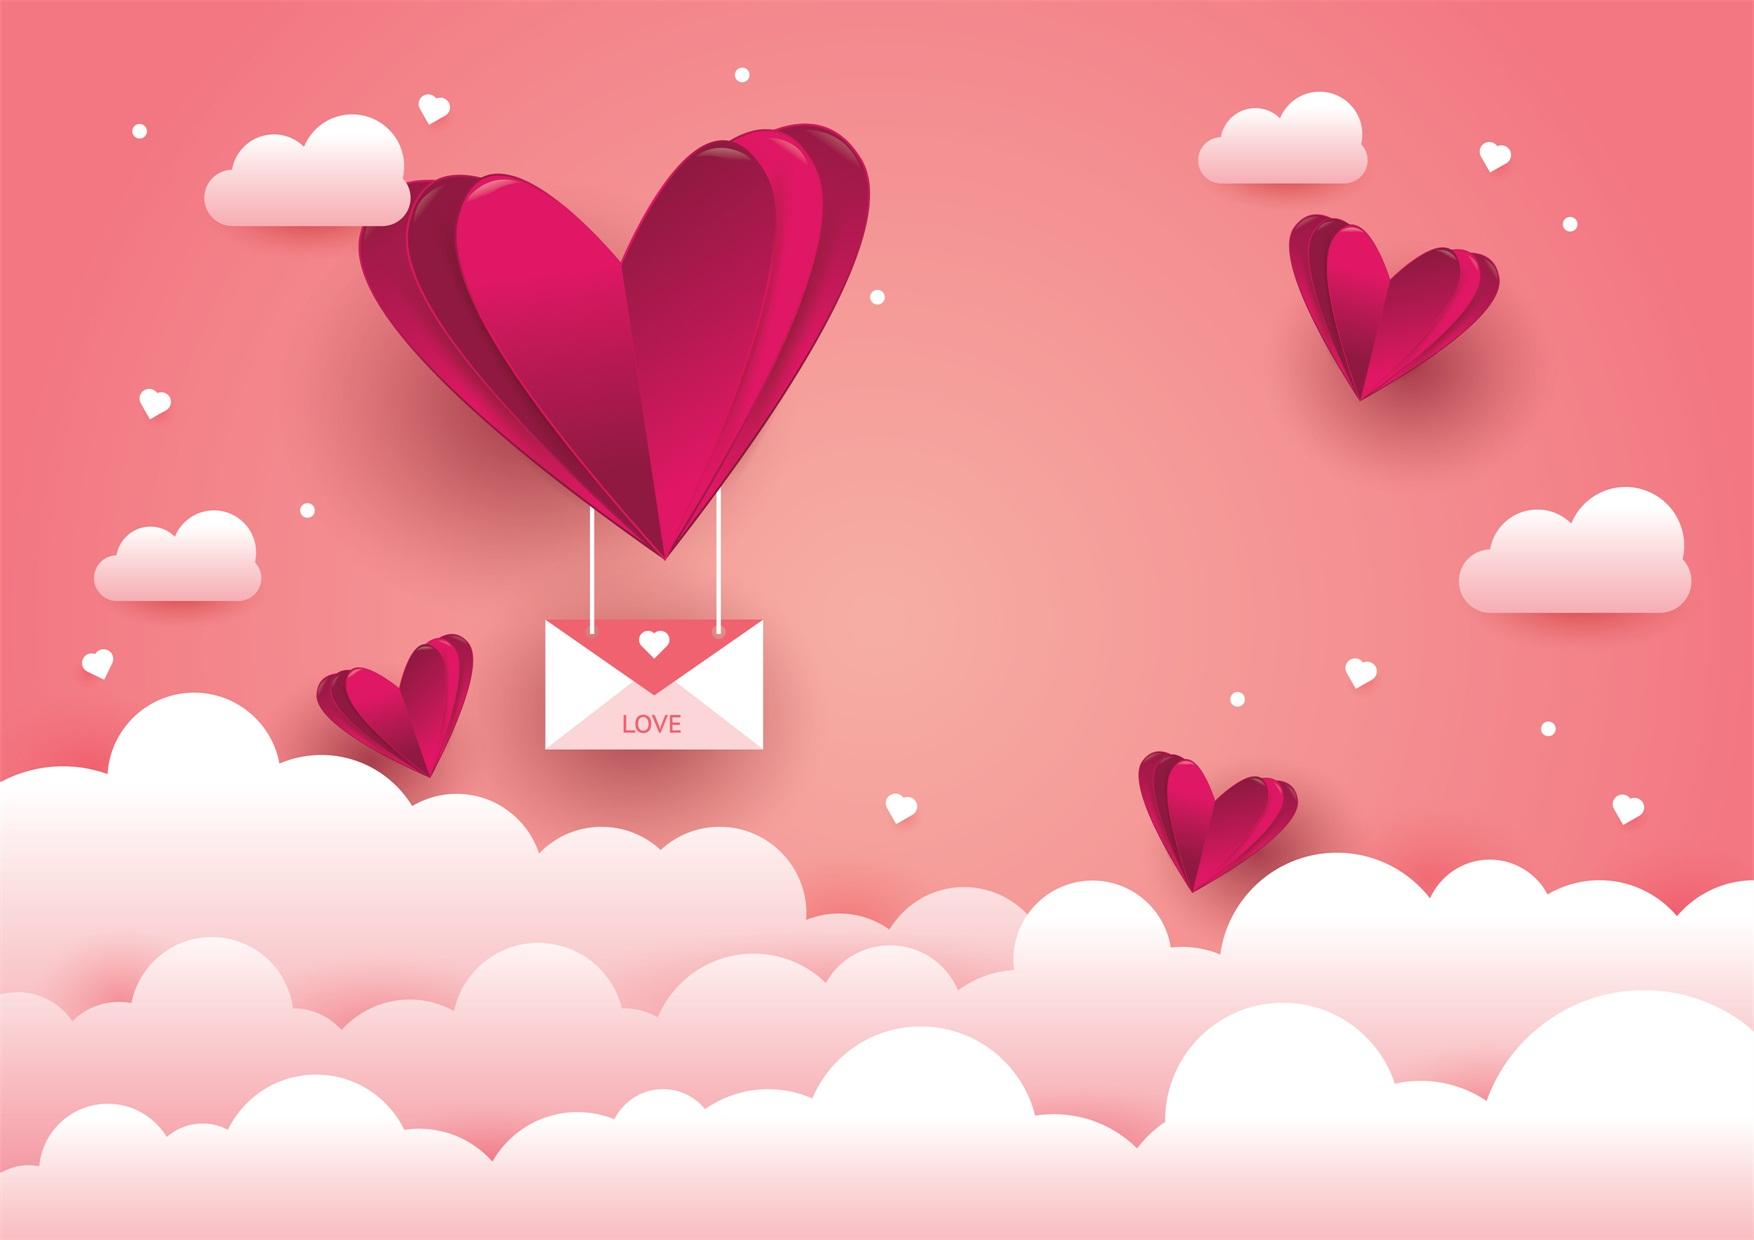 22款情人节七夕节购物促销海报传单设计AI矢量素材 Valentines day Poster Vector Material插图11